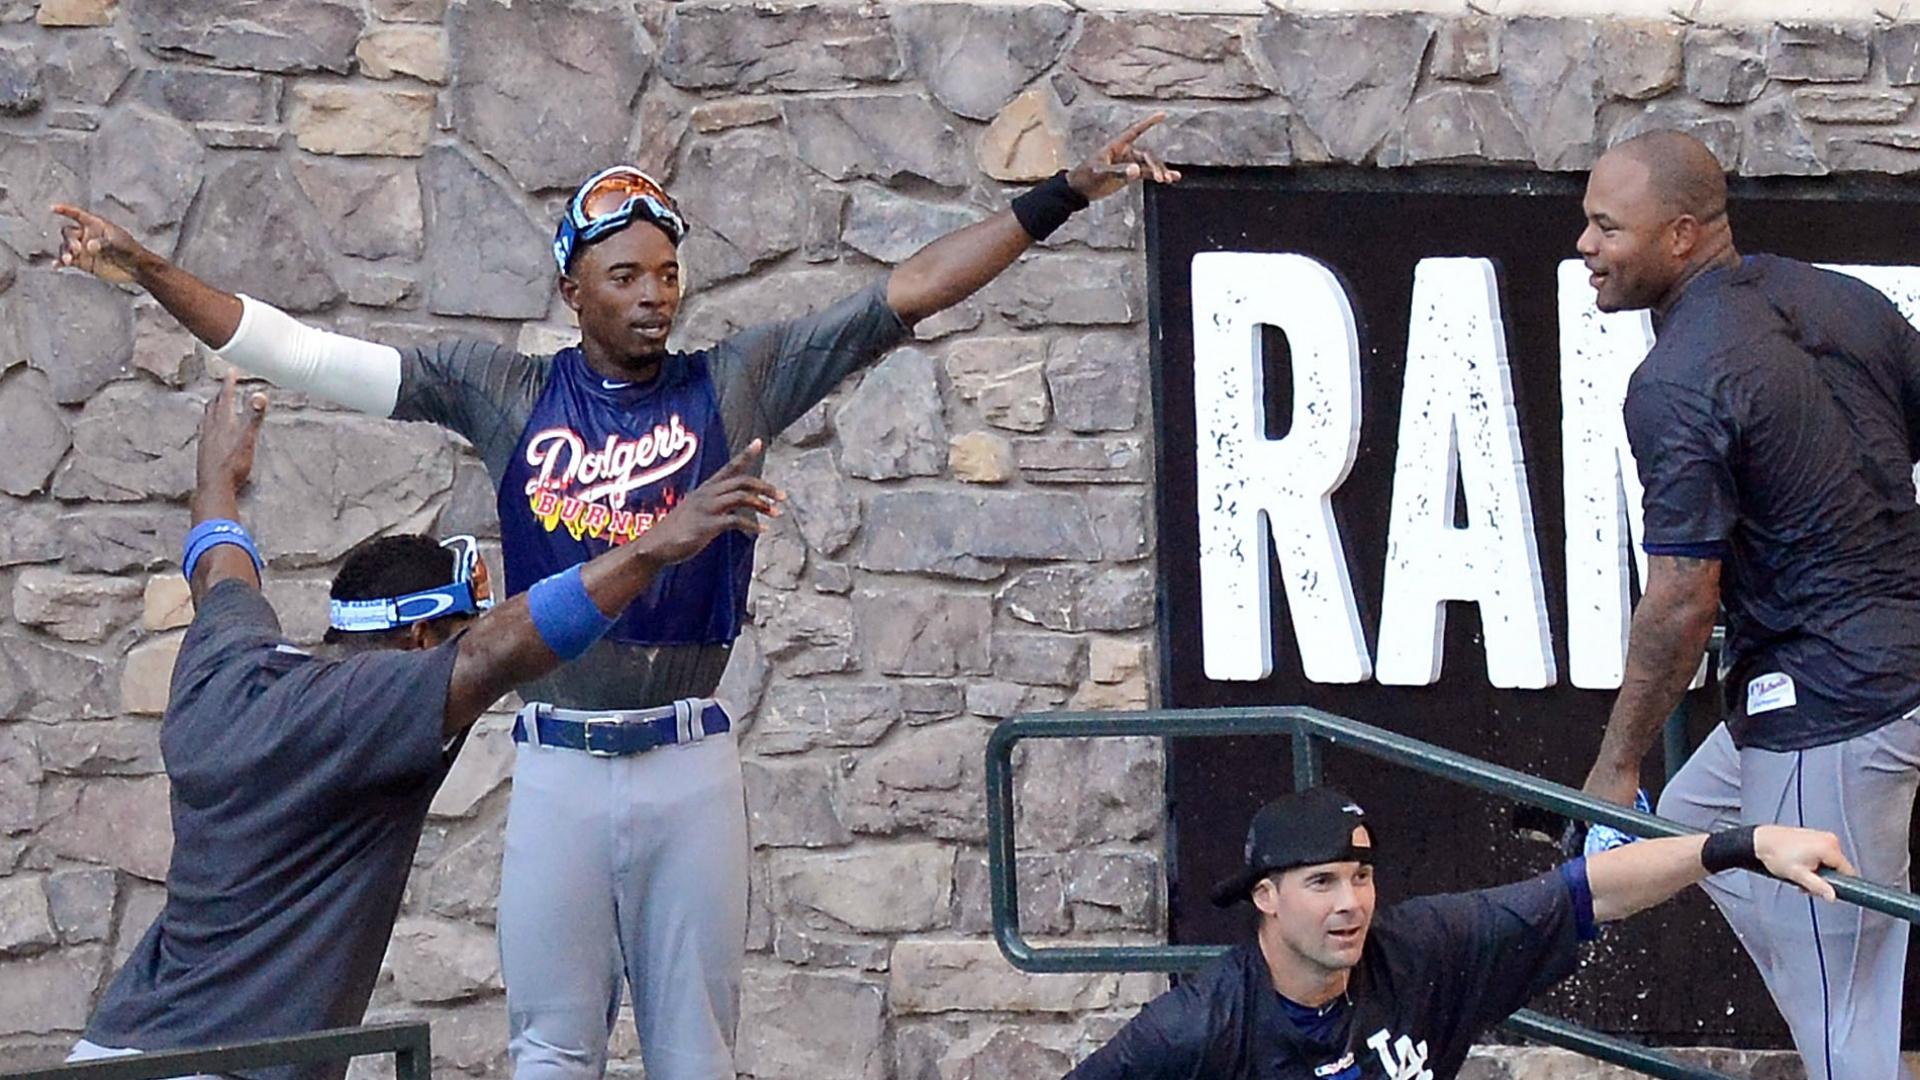 Sept. 19, 2013: Dodgers celebrate NL West crown in Diamondbacks' pool